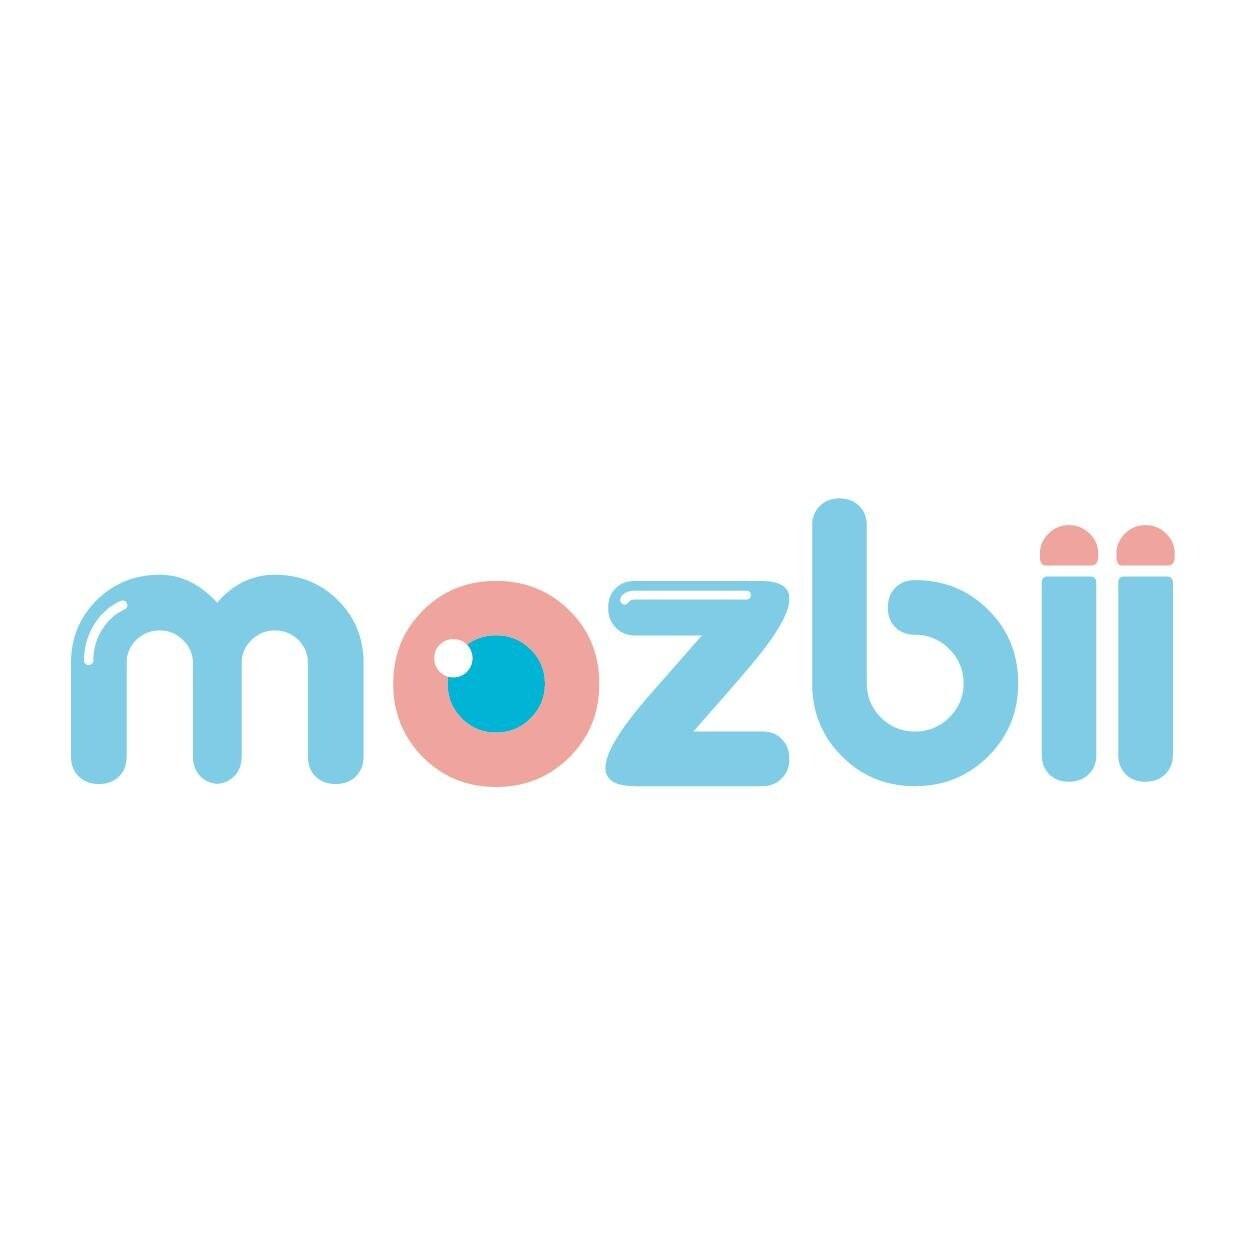 Mozbii